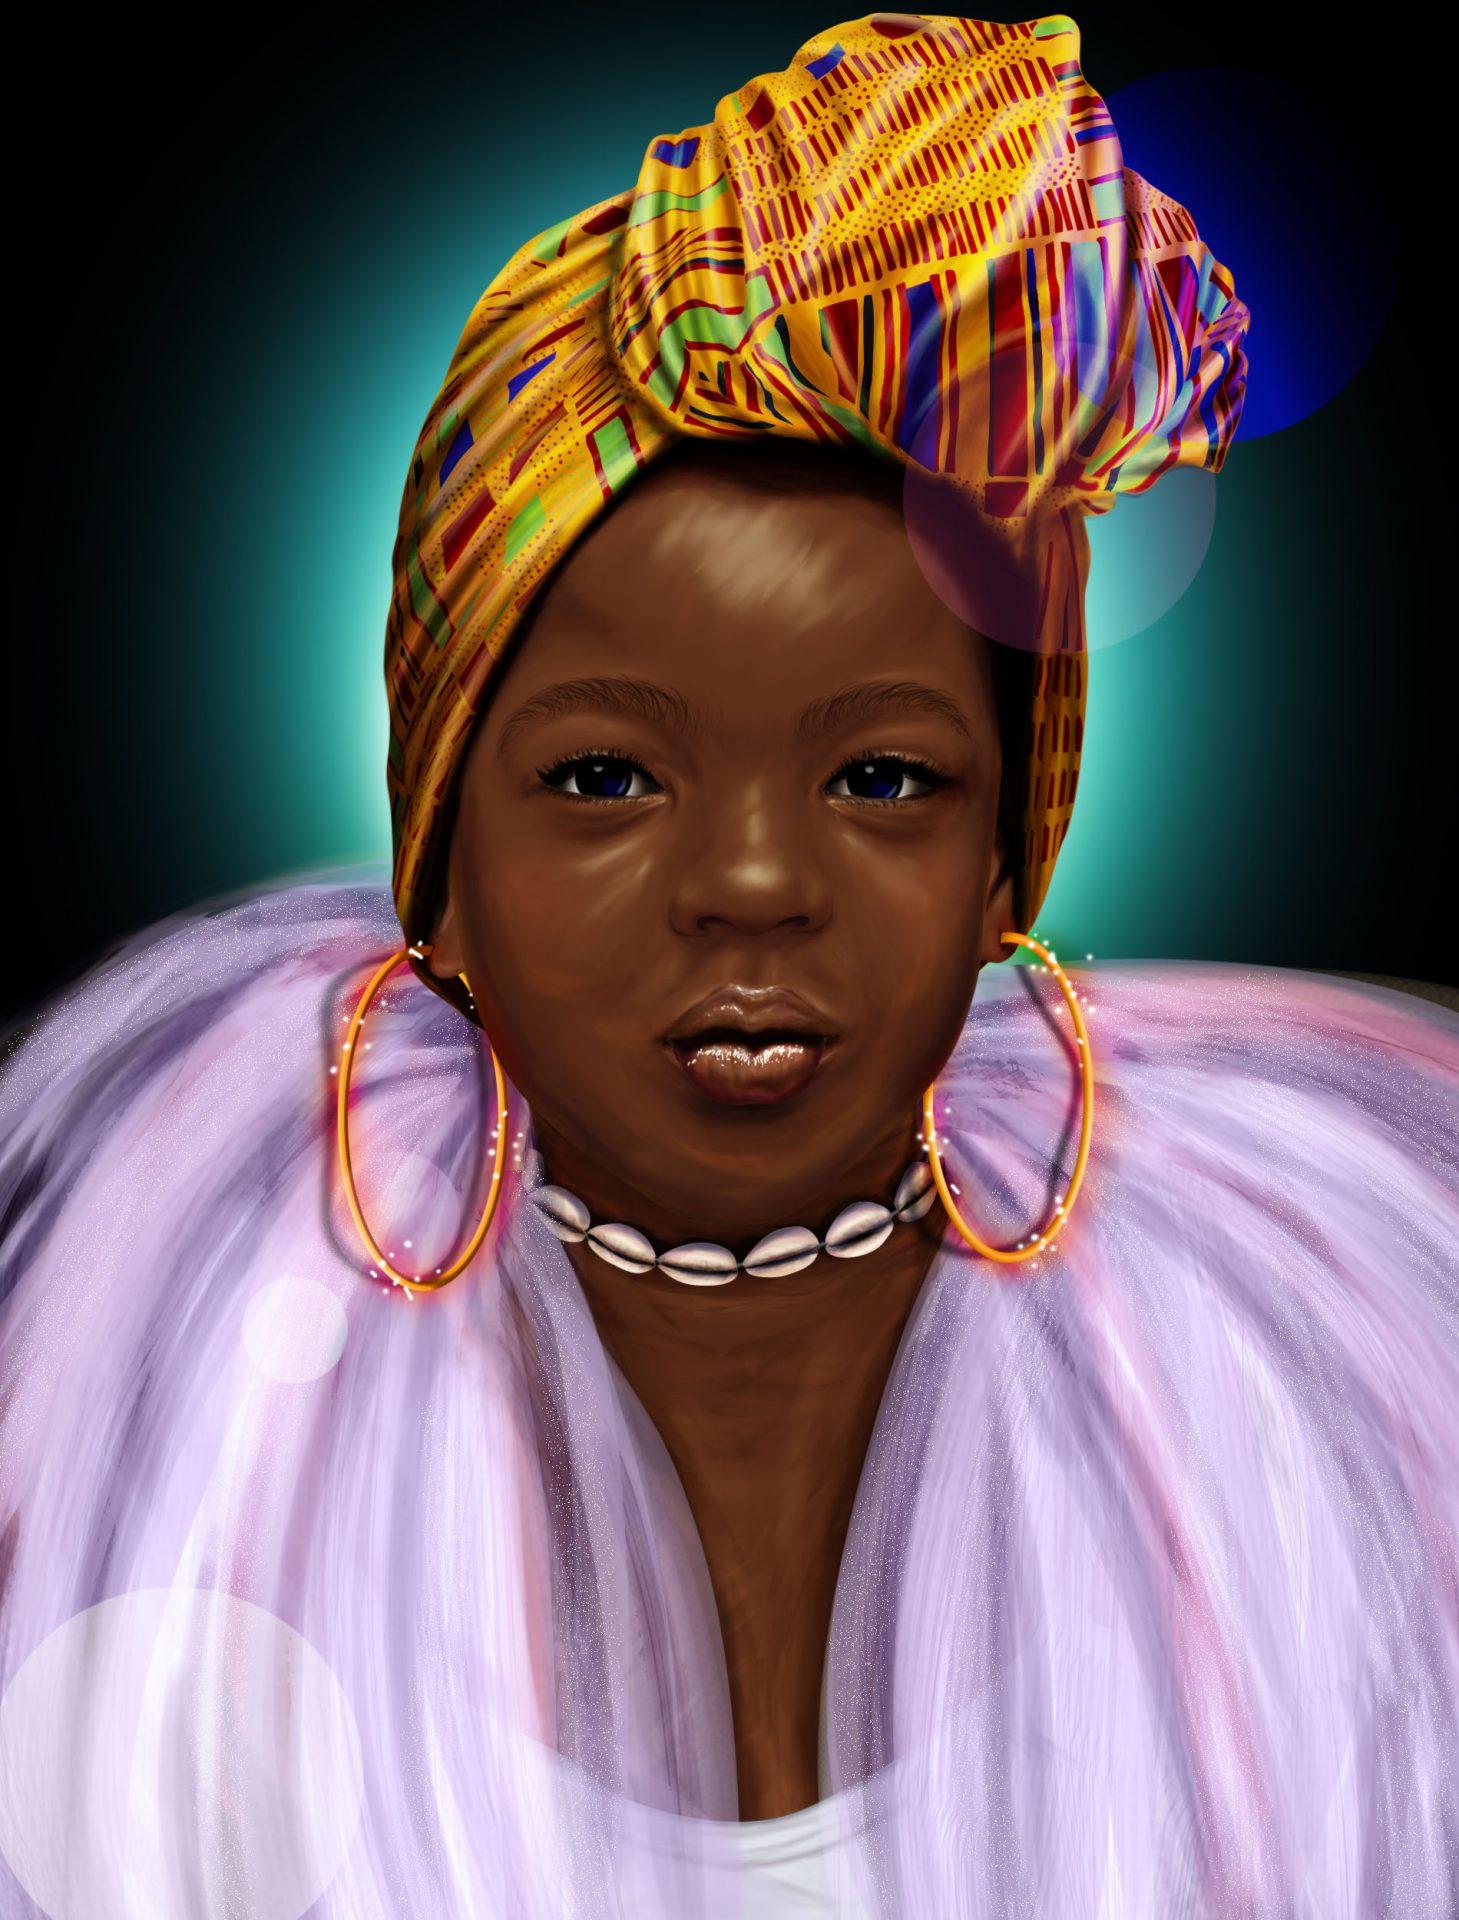 Goddess Mauritius Digital Art African Art visual art